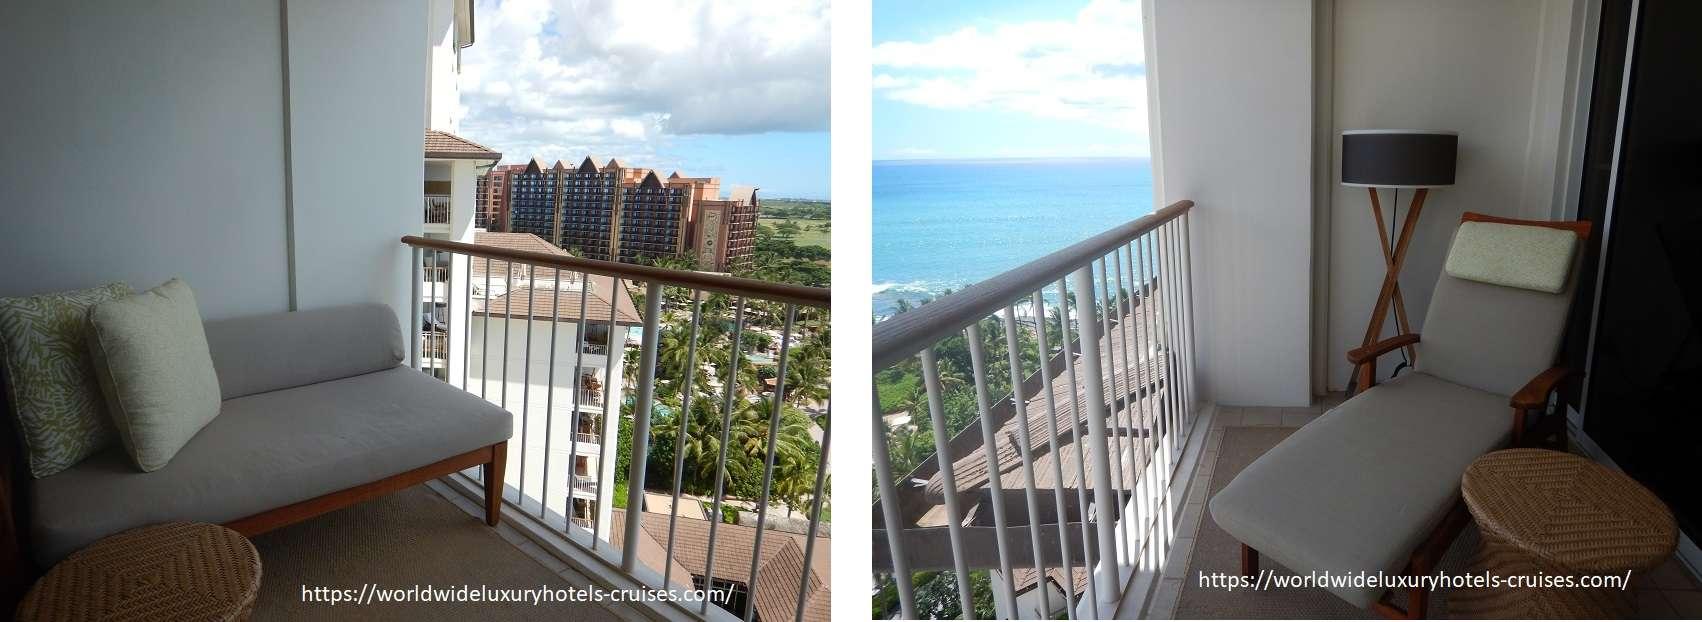 フォーシーズンズオアフアットコオリナ  プライムコーナーオーシャンフロント ハワイ  オアフ オアフ島 ハワイ旅行 フォーシーズンズリゾート コオリナ フォーシーズンズプリファードパートナー フォーシーズンズホテル ハワイ高級ホテル ラグジュアリーホテル